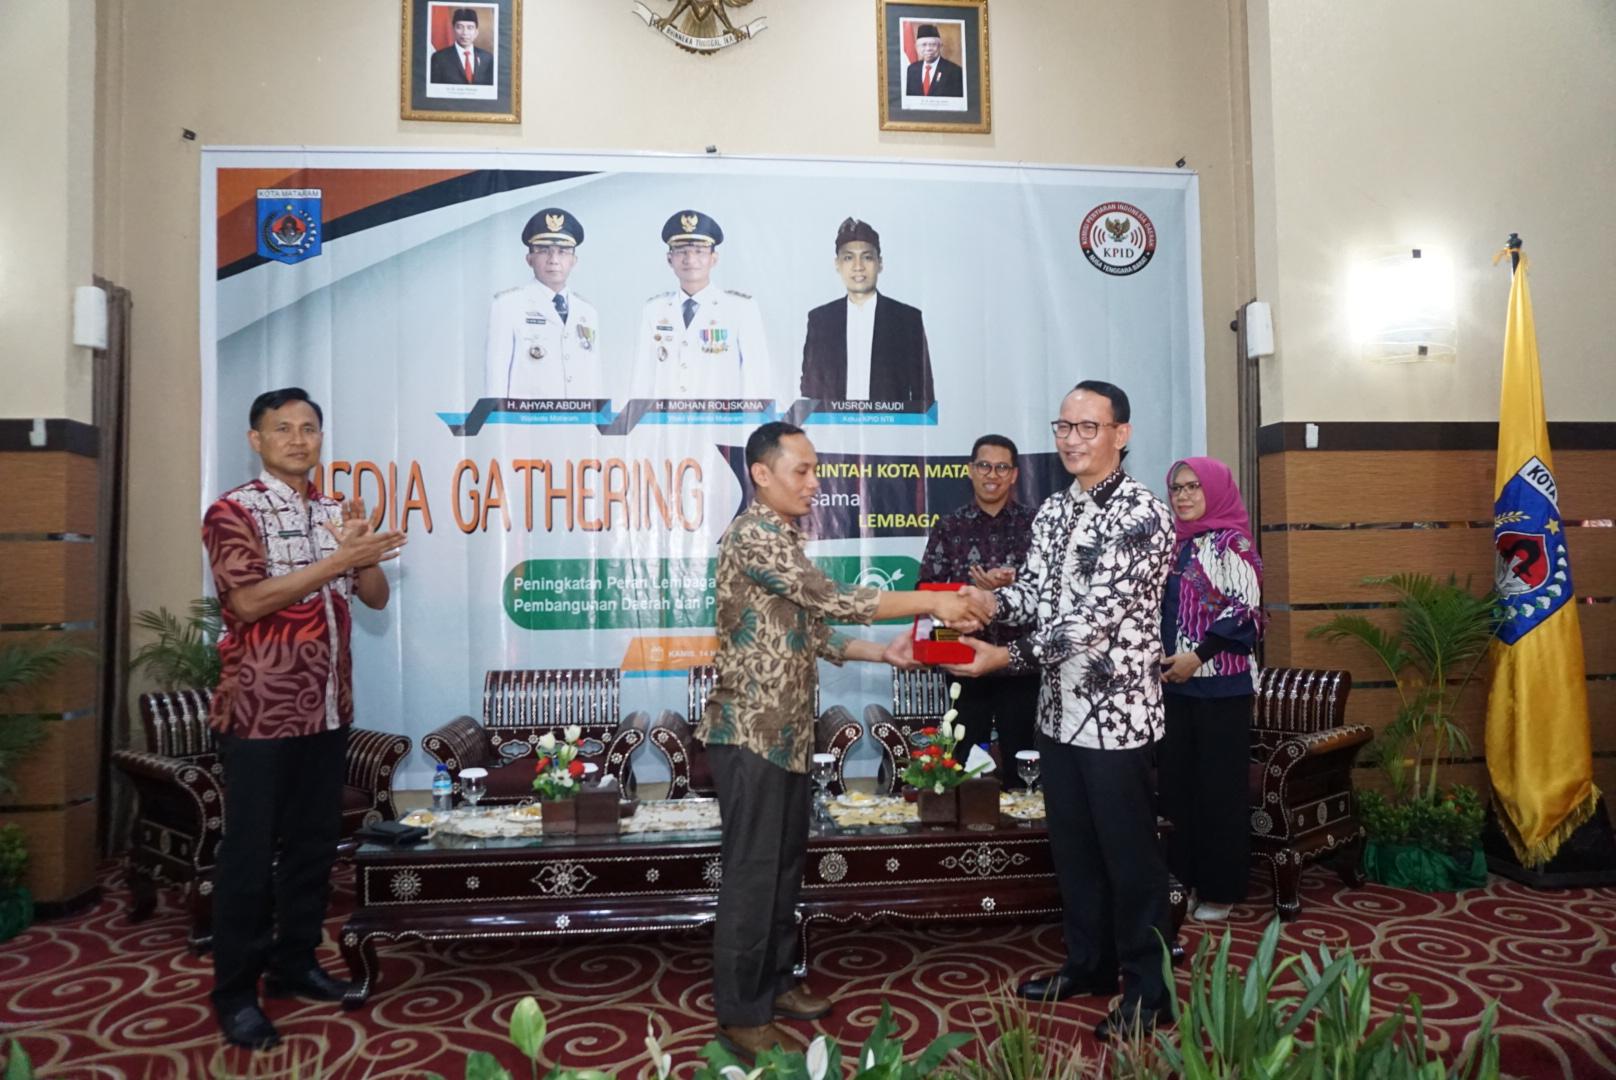 MEDIA GATHERING KOMISI PENYIARAN INDONESIA DAERAH (KPID) PROVINSI NUSA TENGGARA BARAT